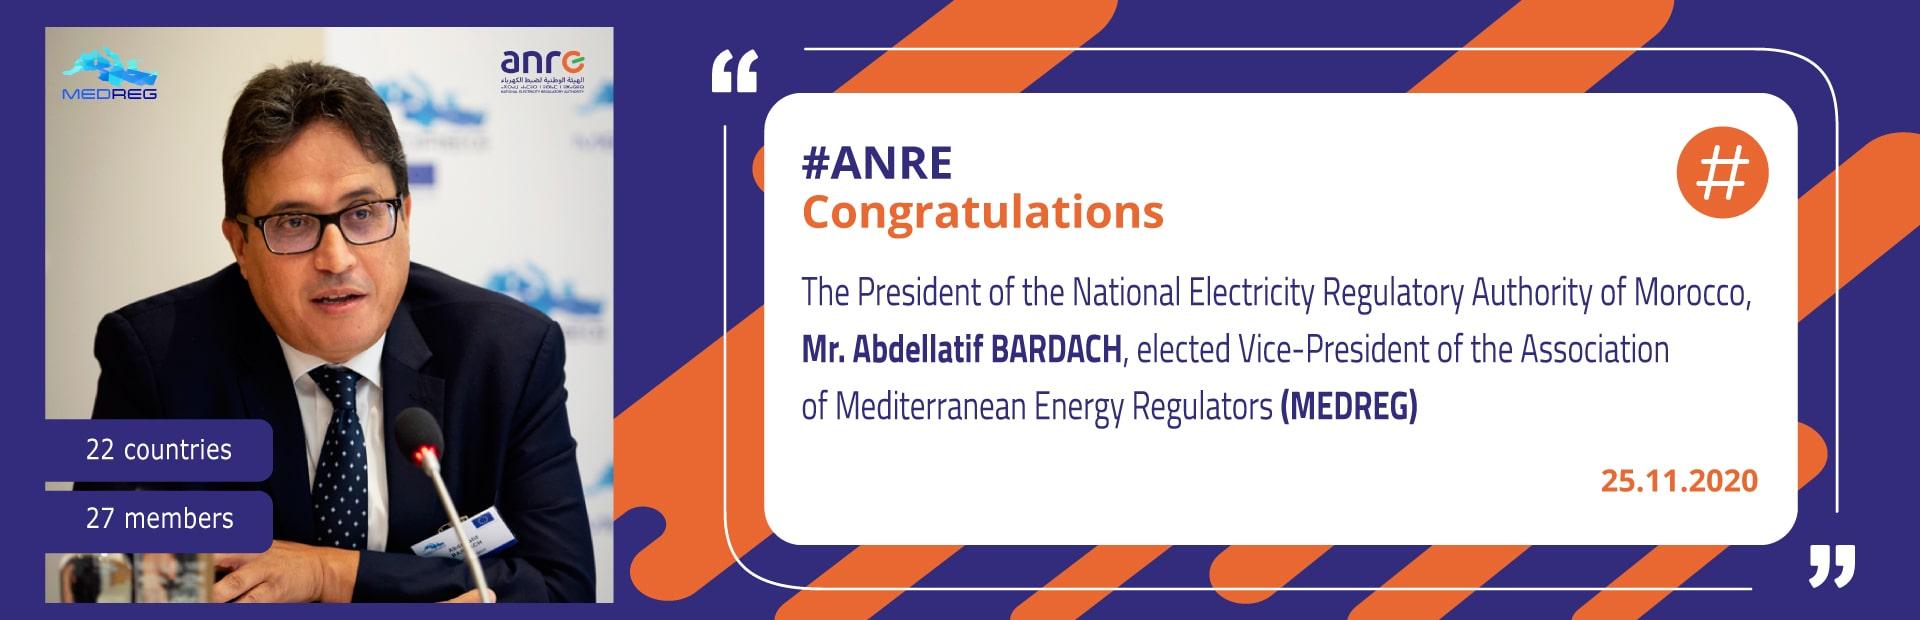 Election de M. Abdellatif BARDACH au poste de Vice-président de l'Association des régulateurs méditerranéens de l'énergie – MEDREG